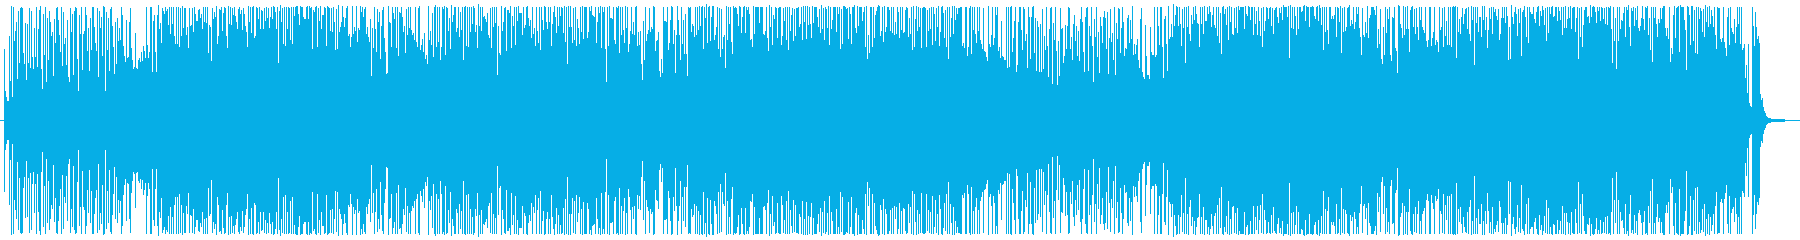 サックスの軽快なフュージョンインストの再生済みの波形